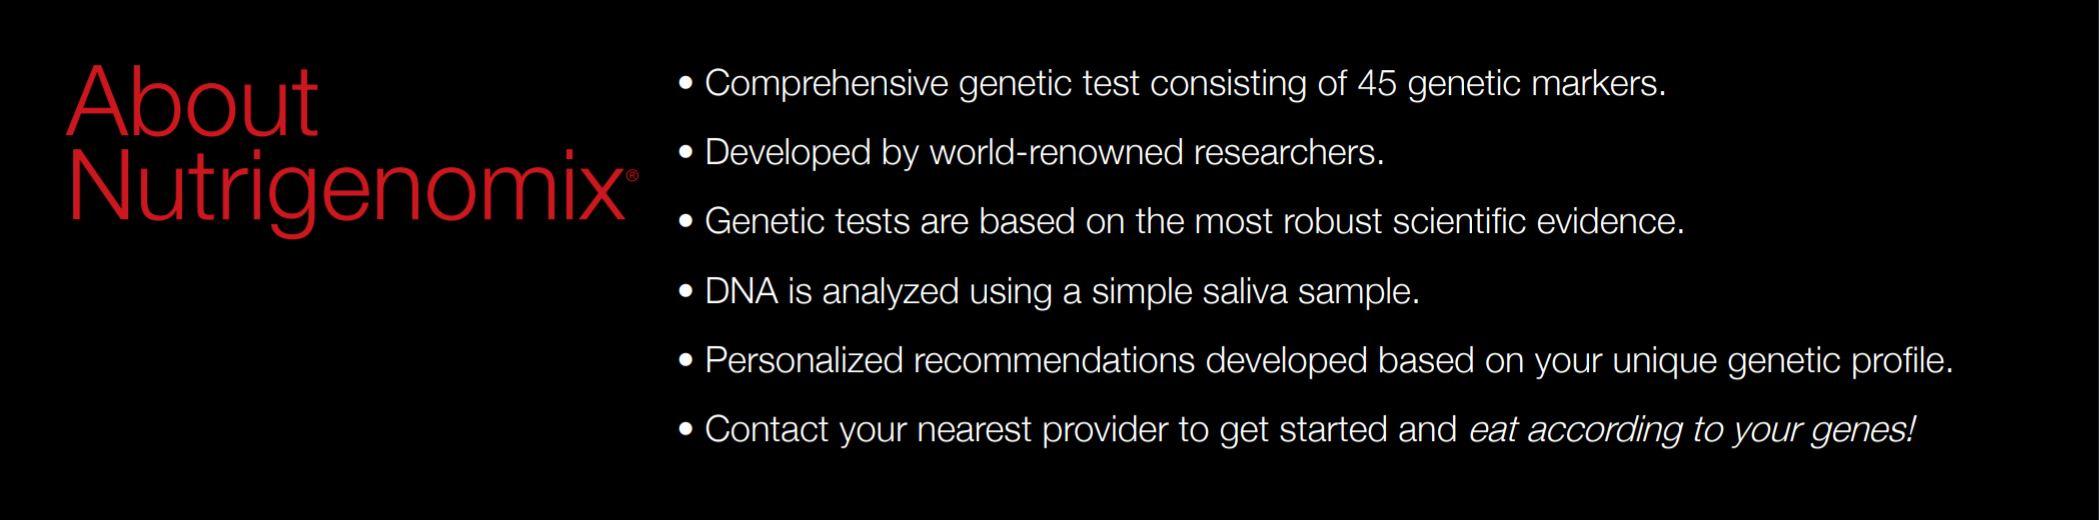 About Nutrigenomix.JPG